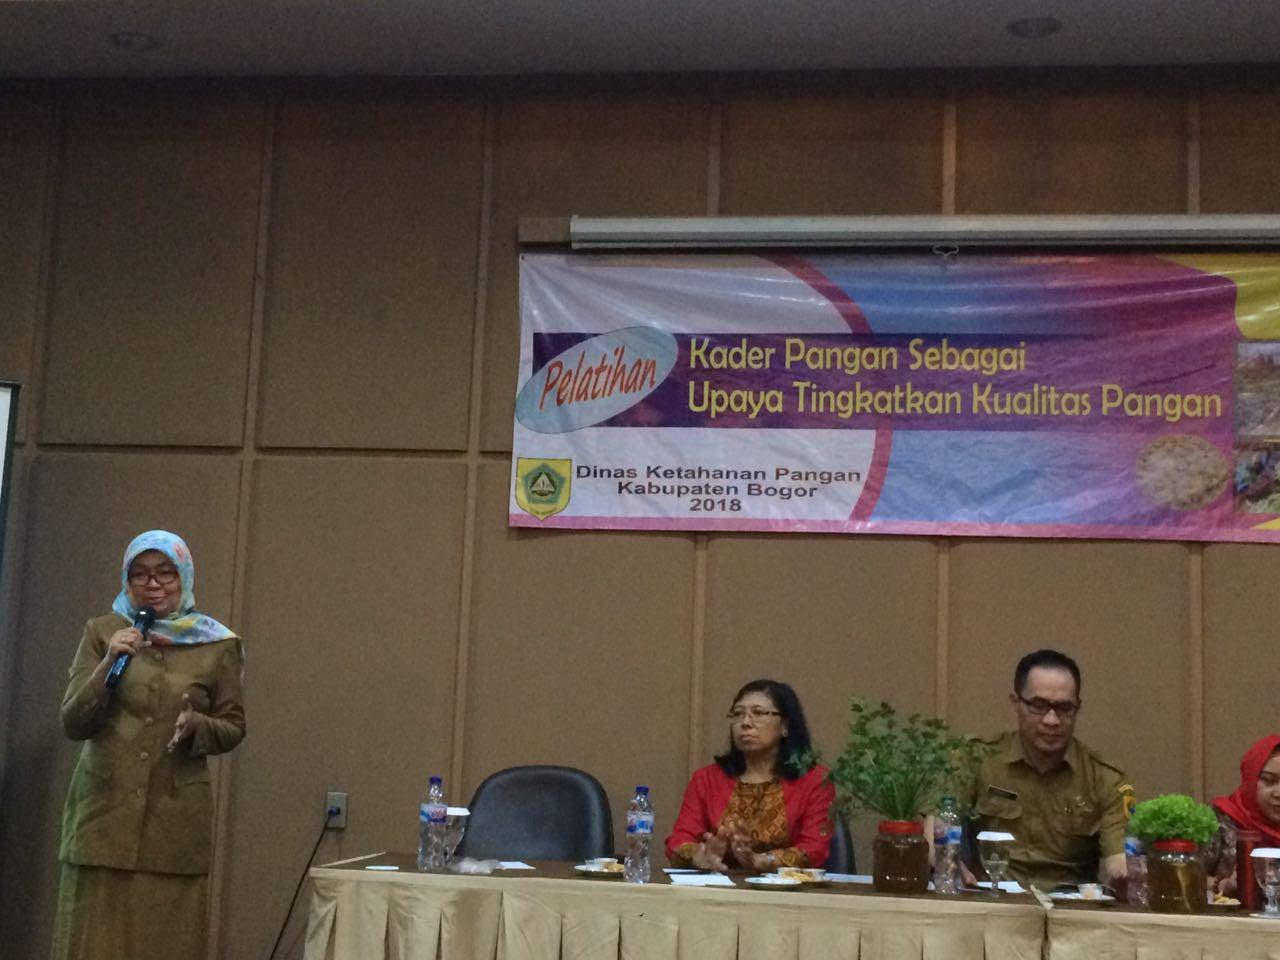 Kegiatan Pelatihan Kader Pangan Sebagai Upaya Tingkatkan Kualitas Pangan di Kab.Bogor